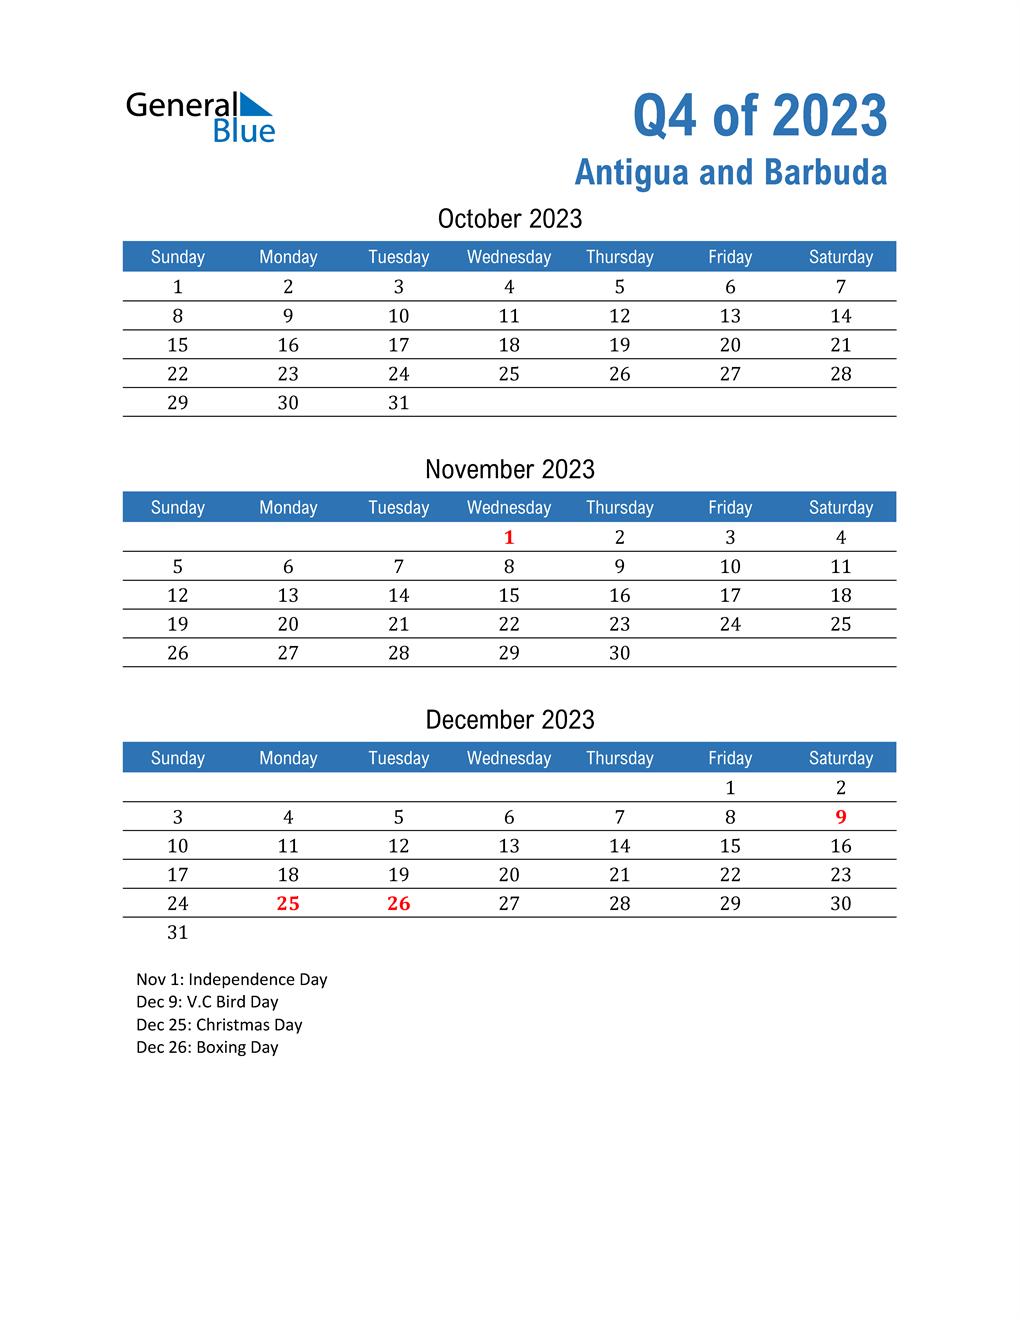 Antigua and Barbuda 2023 Quarterly Calendar